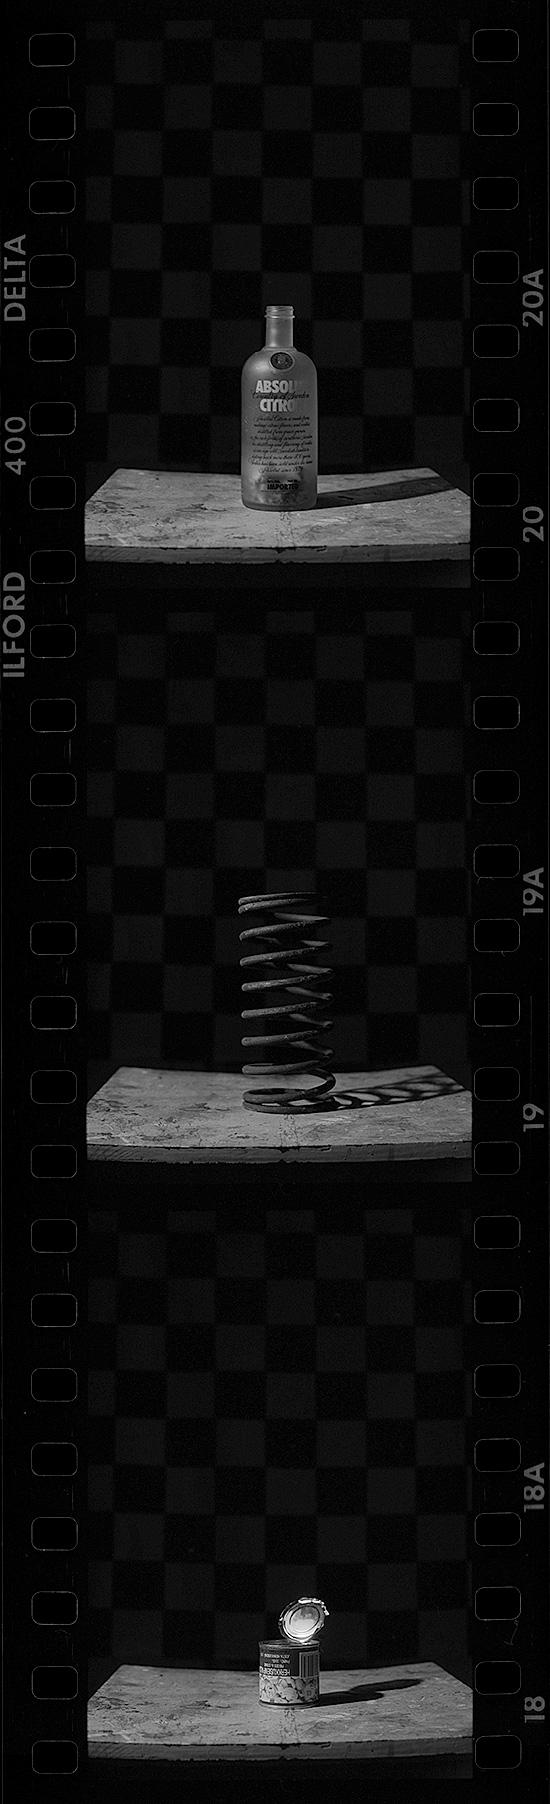 Stillleben, 1995, upplaga 25